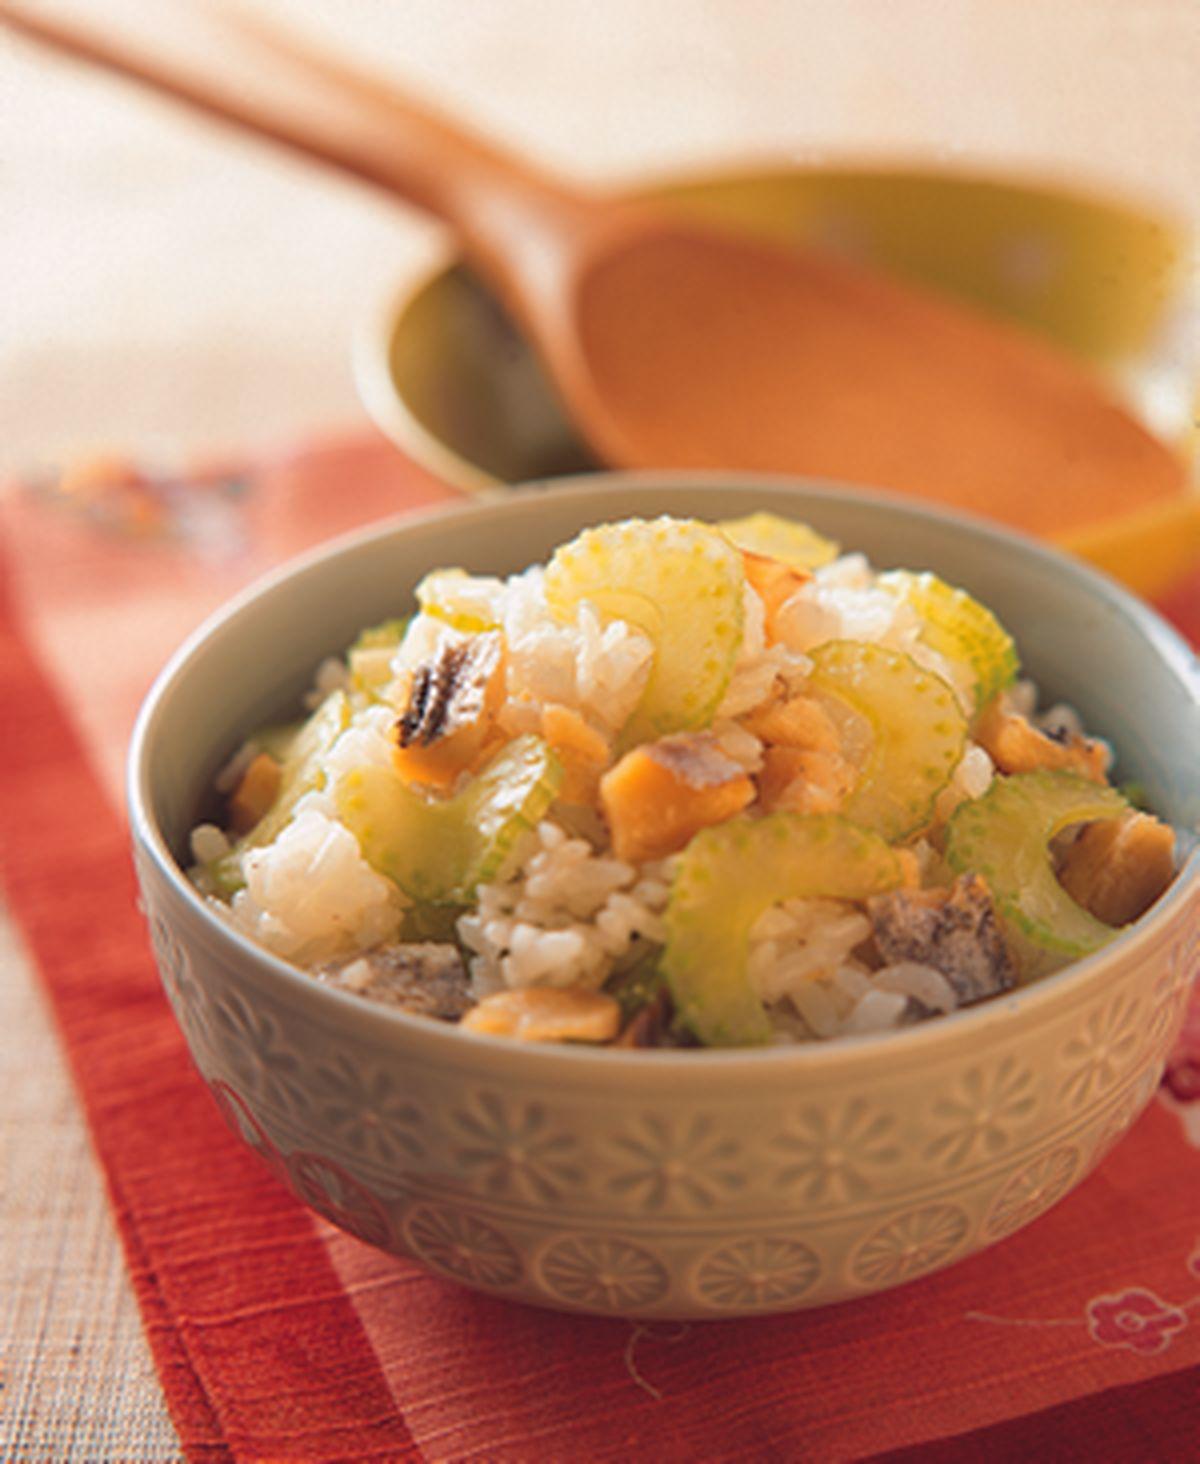 食譜:西芹鹹魚飯